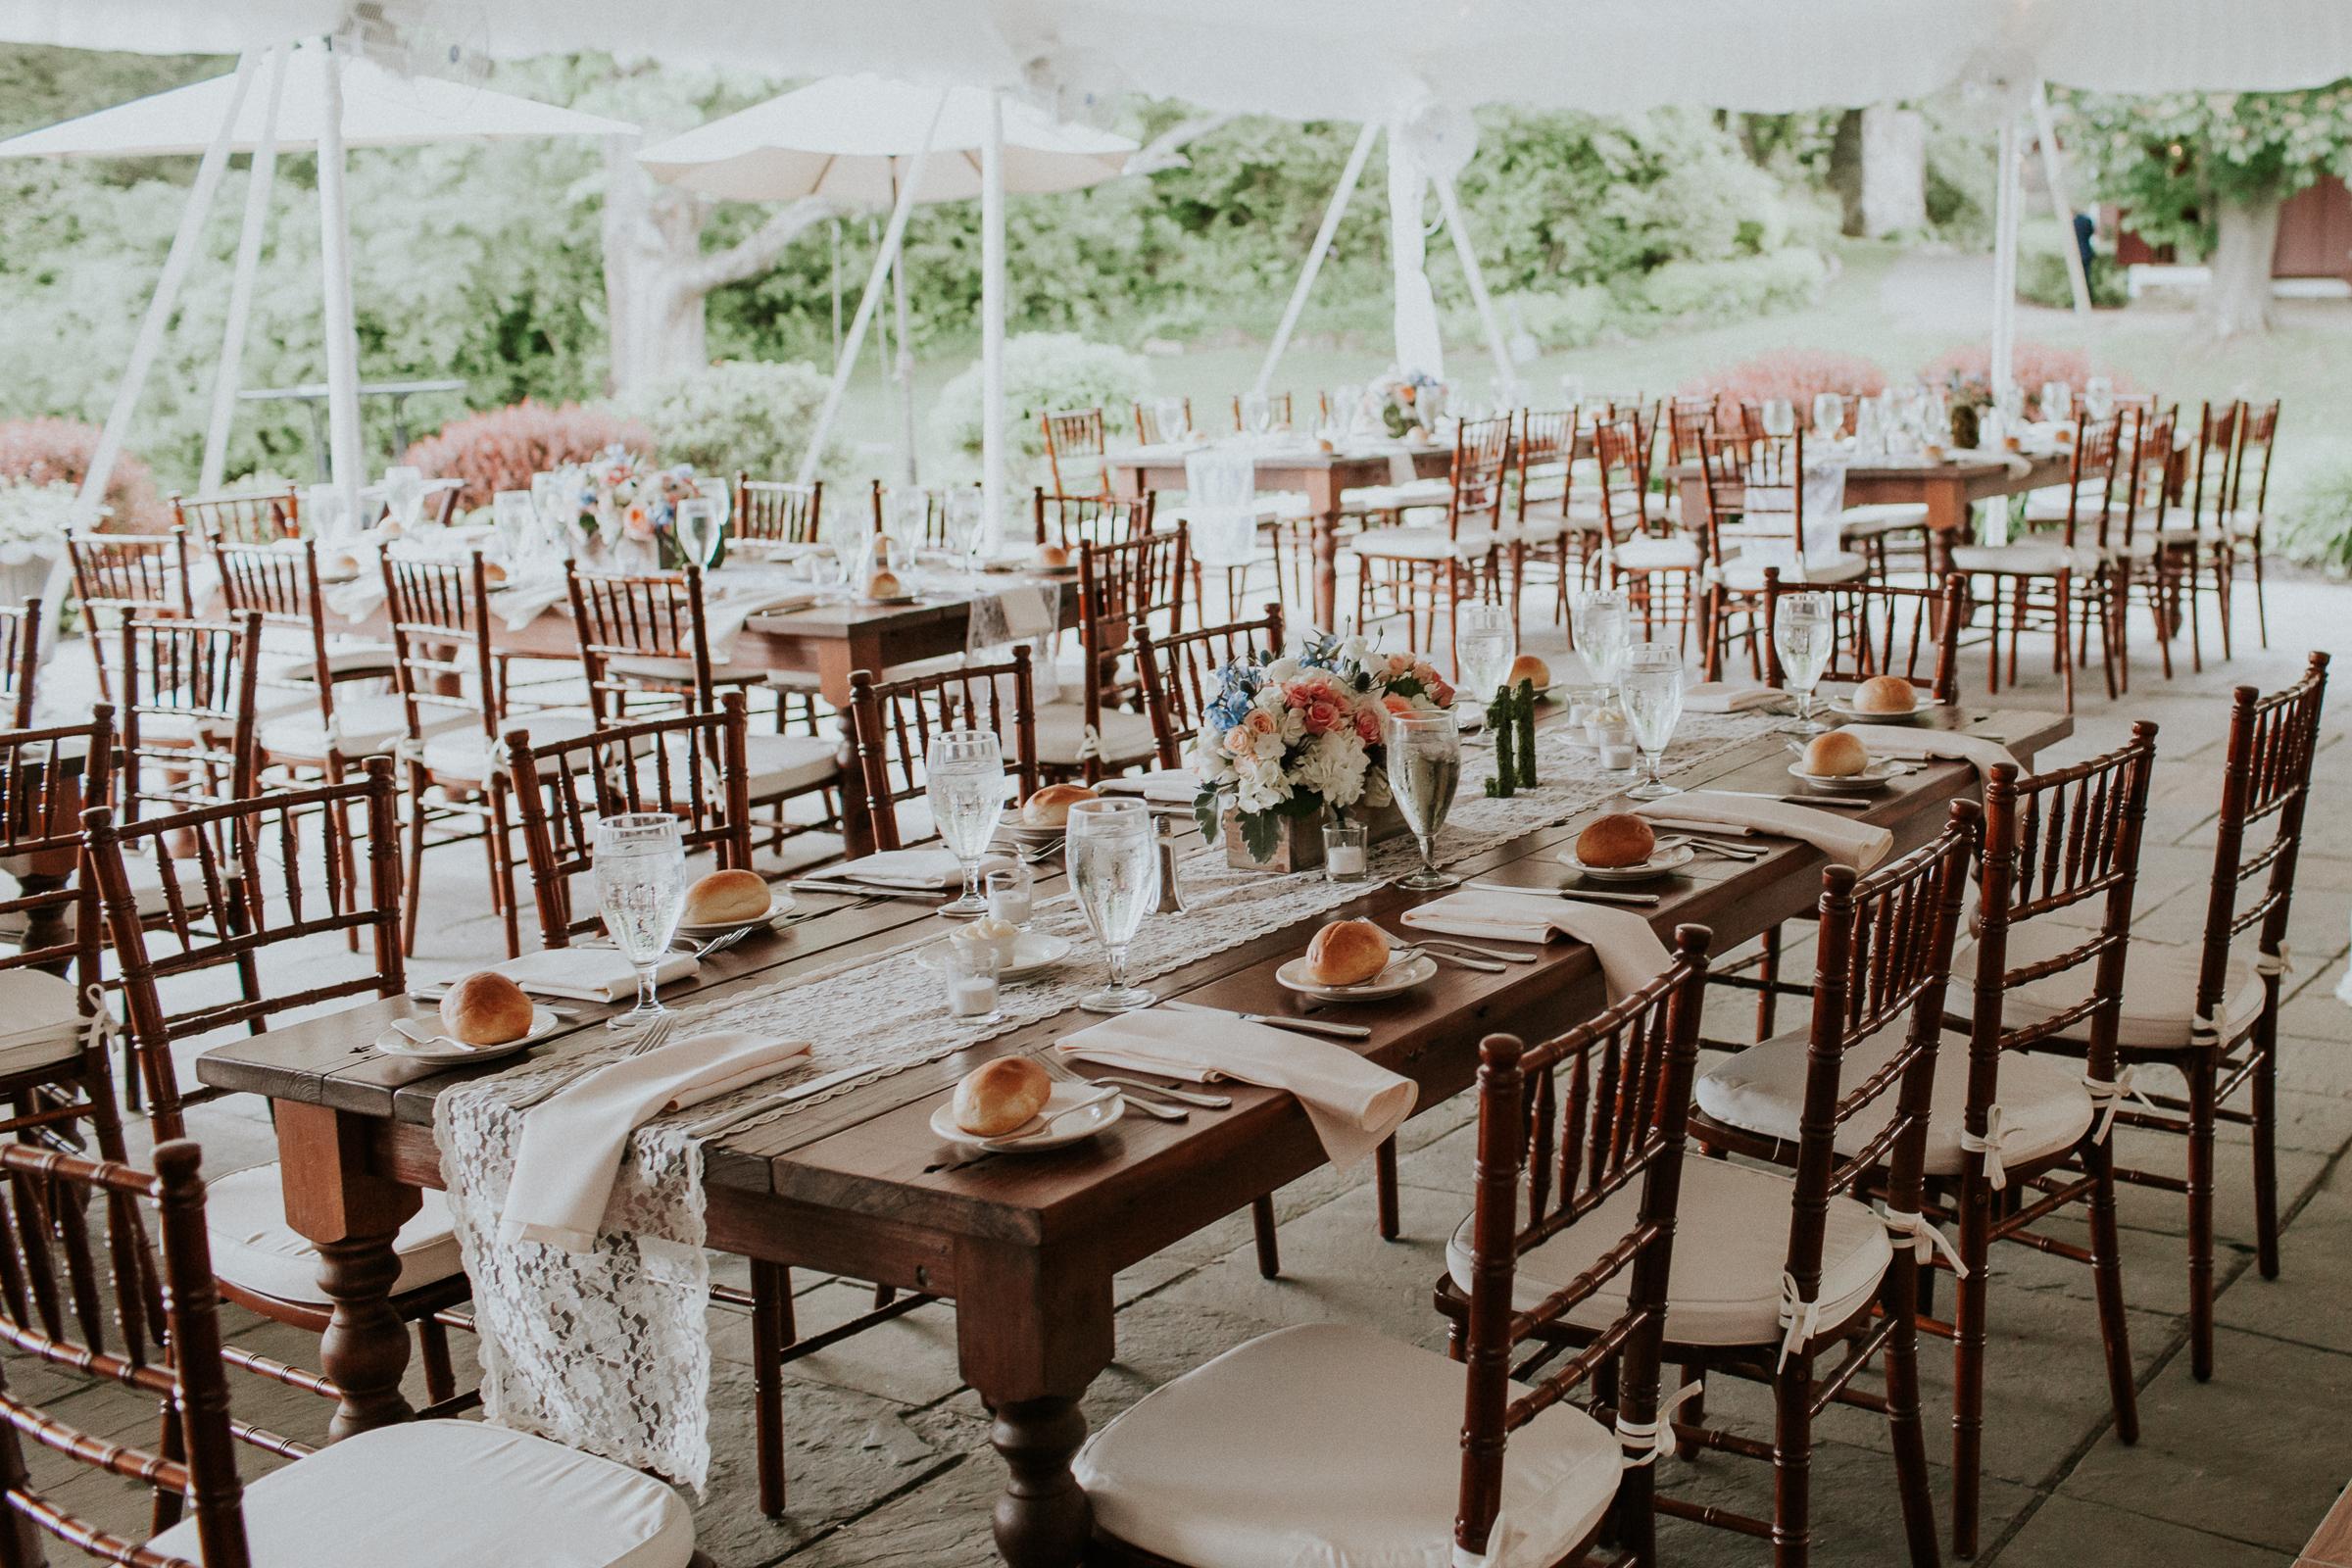 Crossed-Keys-Estate-Andover-NJ-Fine-Art-Documentary-Wedding-Photographer-99.jpg